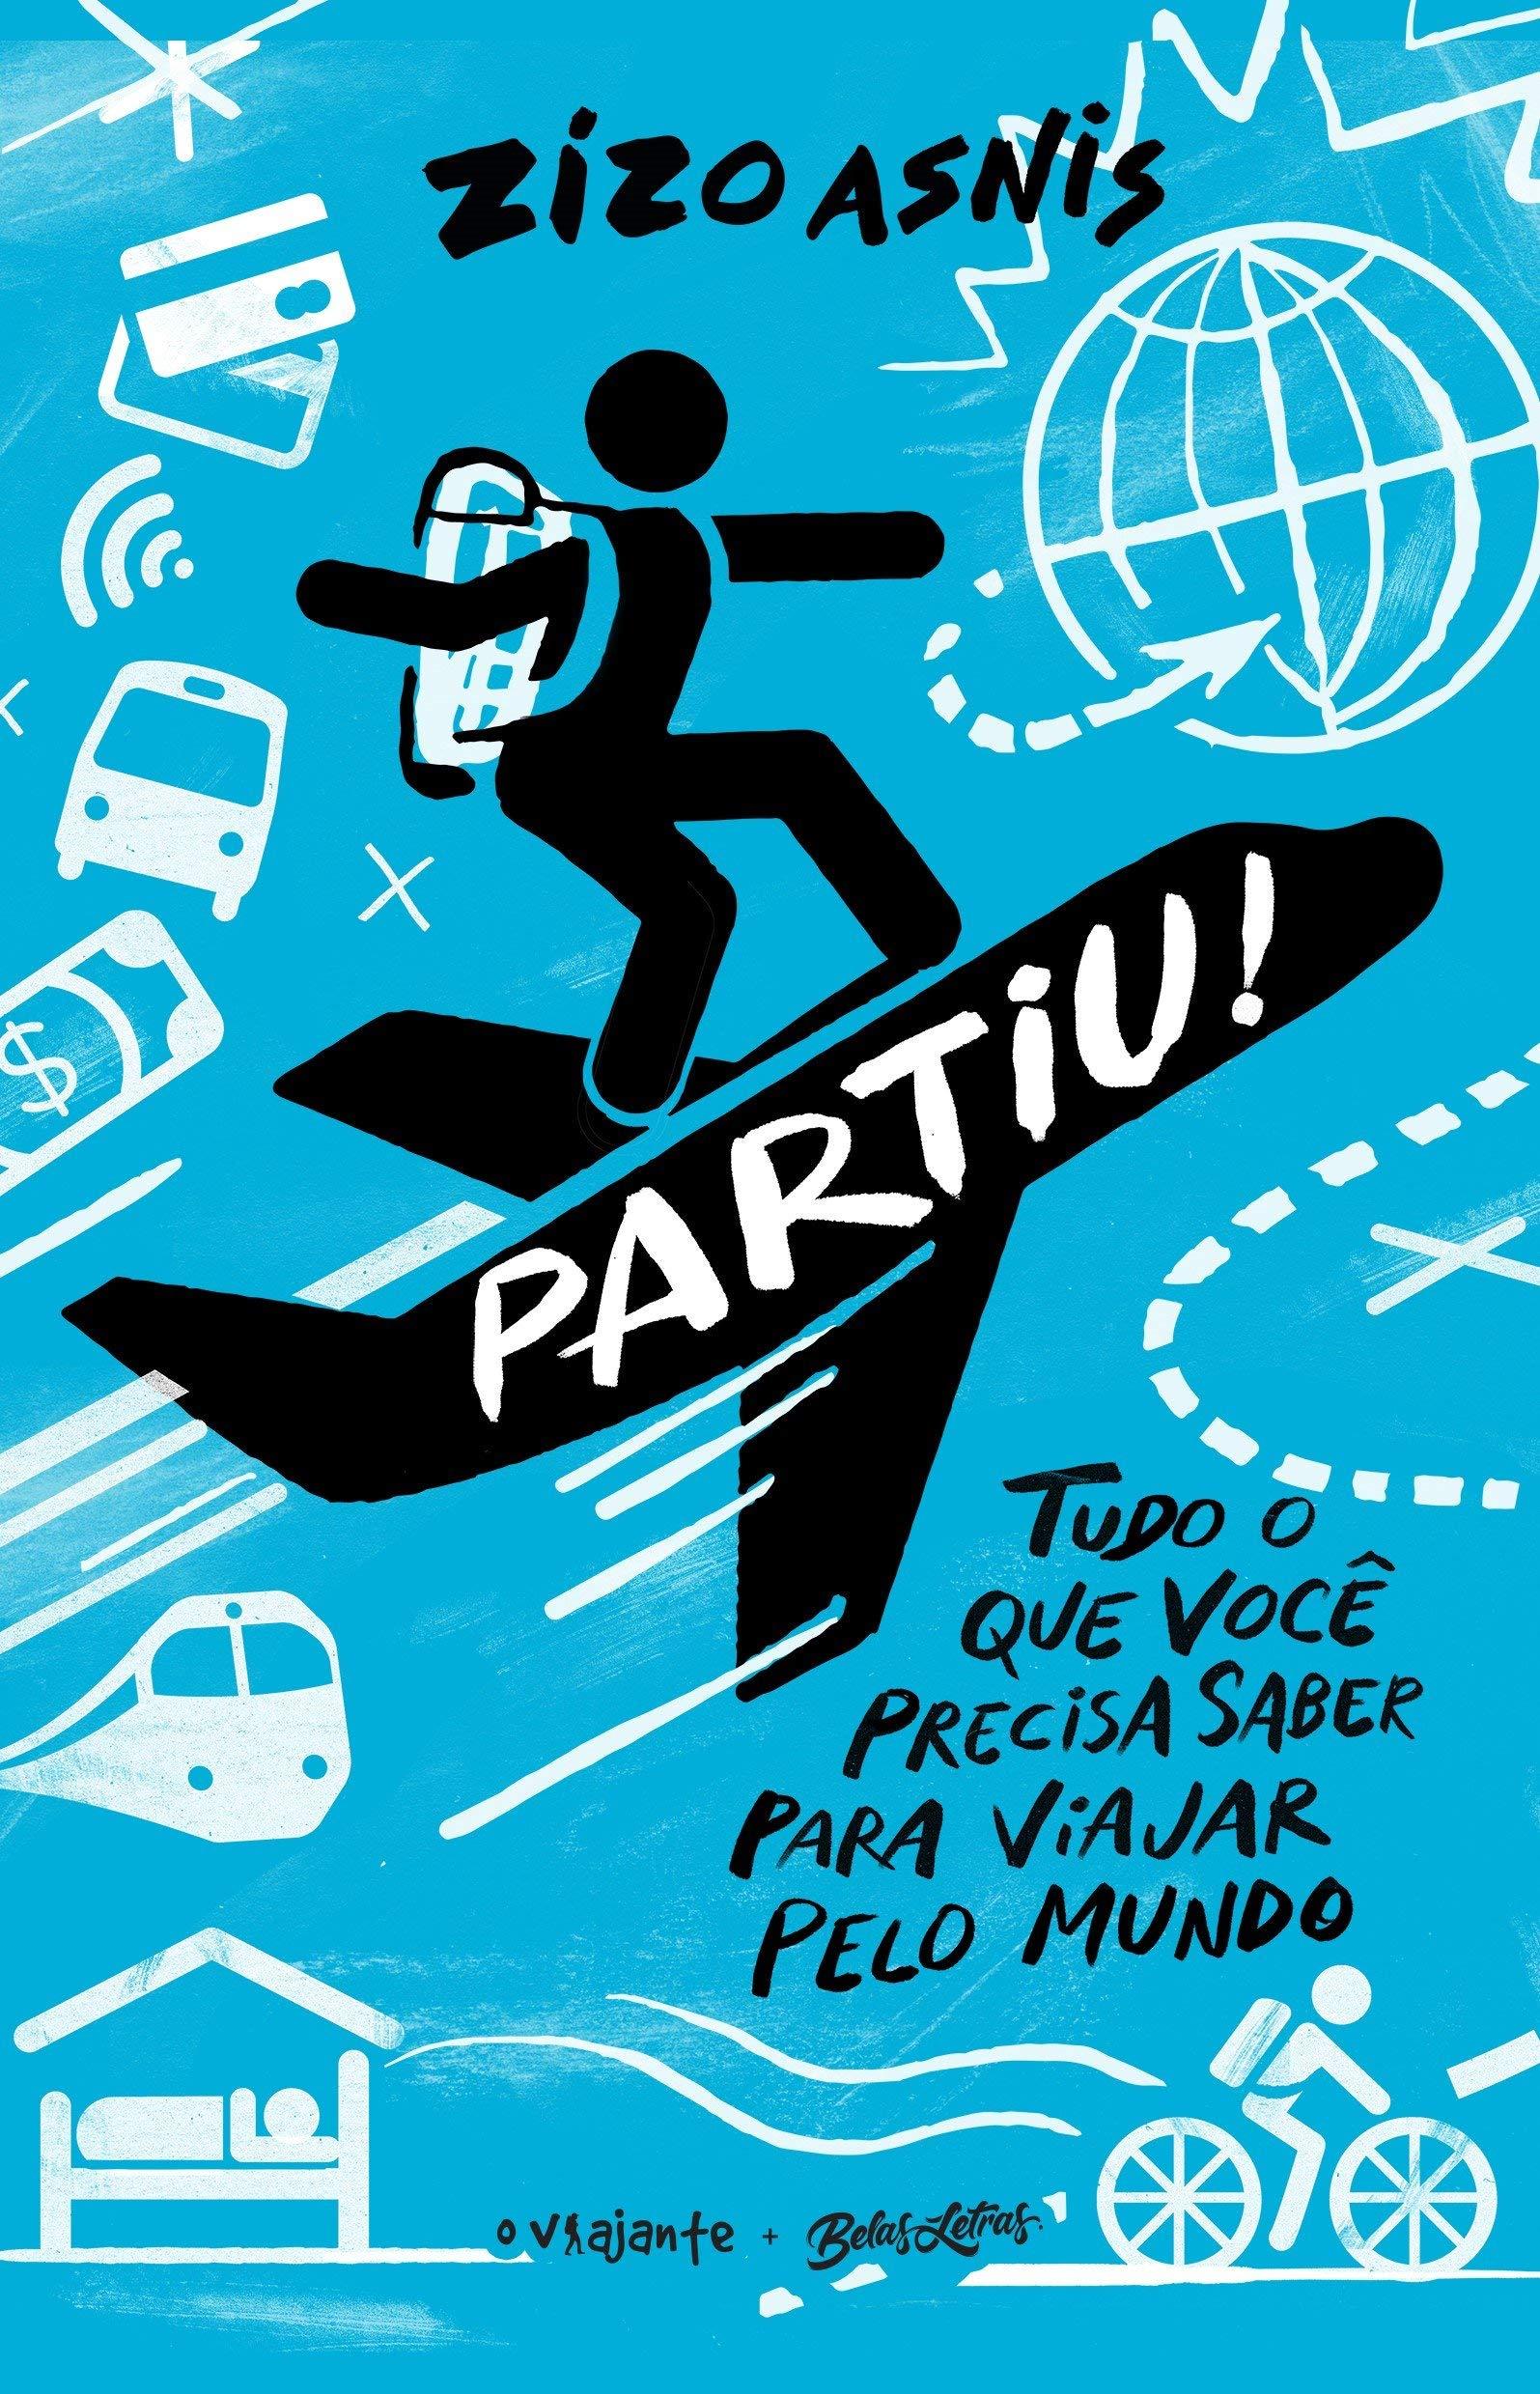 Partiu Tudo o que Voce Precisa Saber Para Viajar Pelo Mundo (Em Portugues do Brasil): Zizo Asnis: 9788581744094: Amazon.com: Books